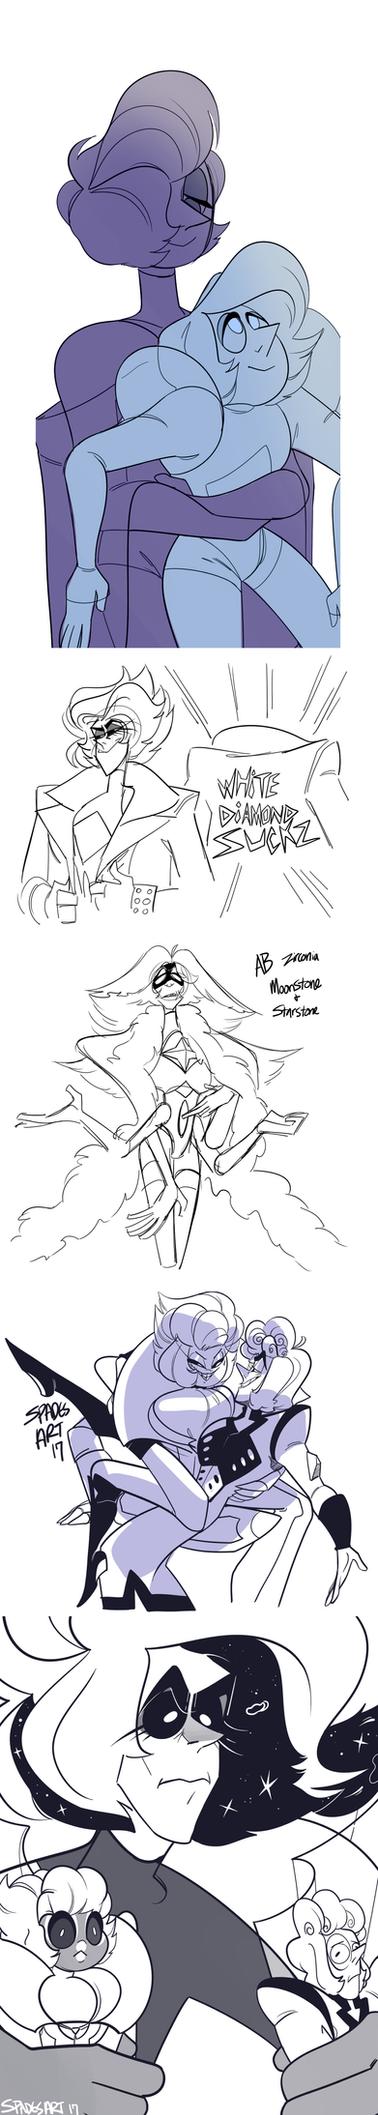 trunglurre doodles 2 by SpadesArts